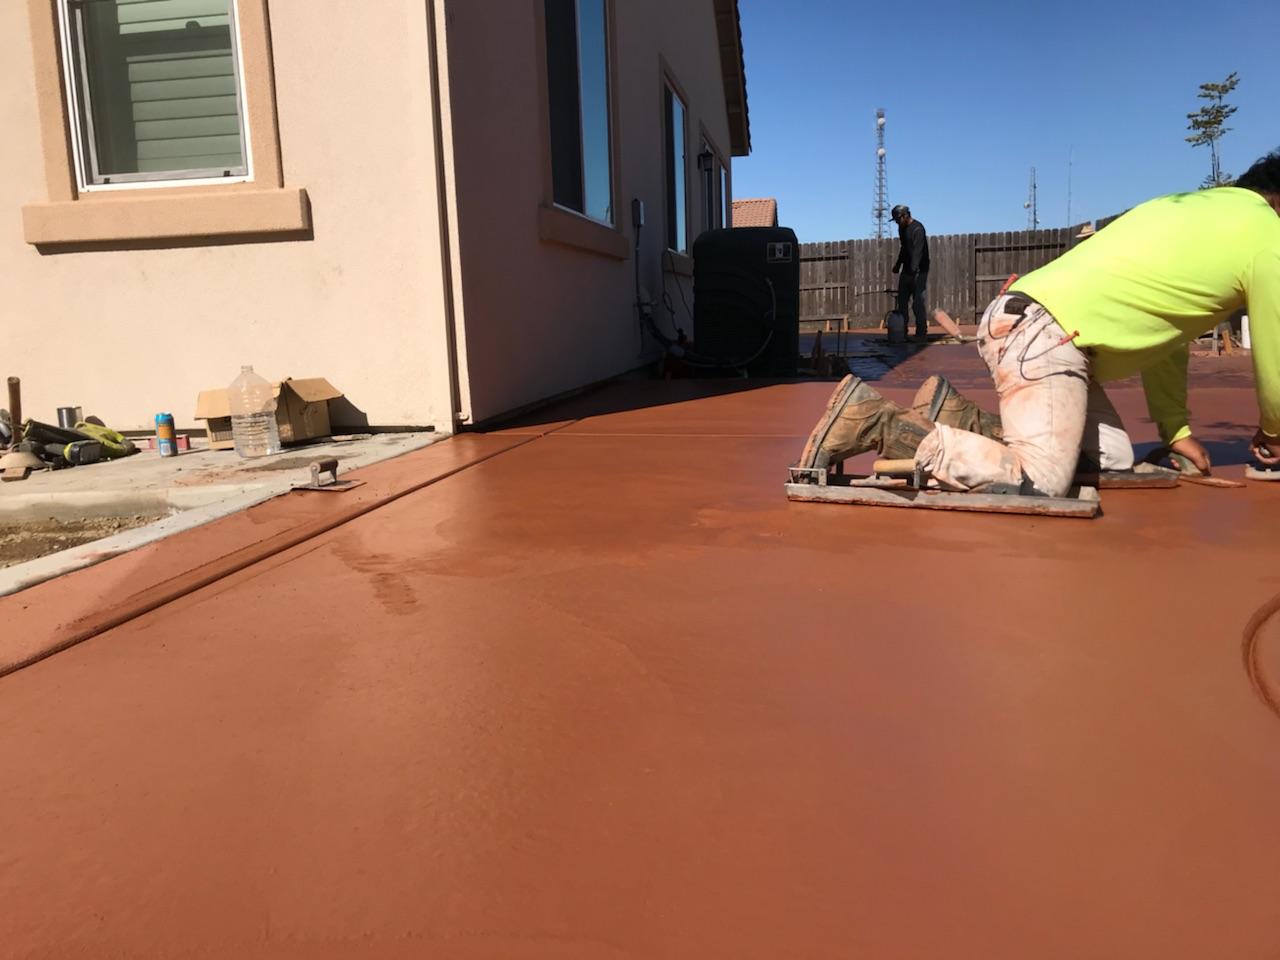 Rancho-Cucamonga-colored-concrete